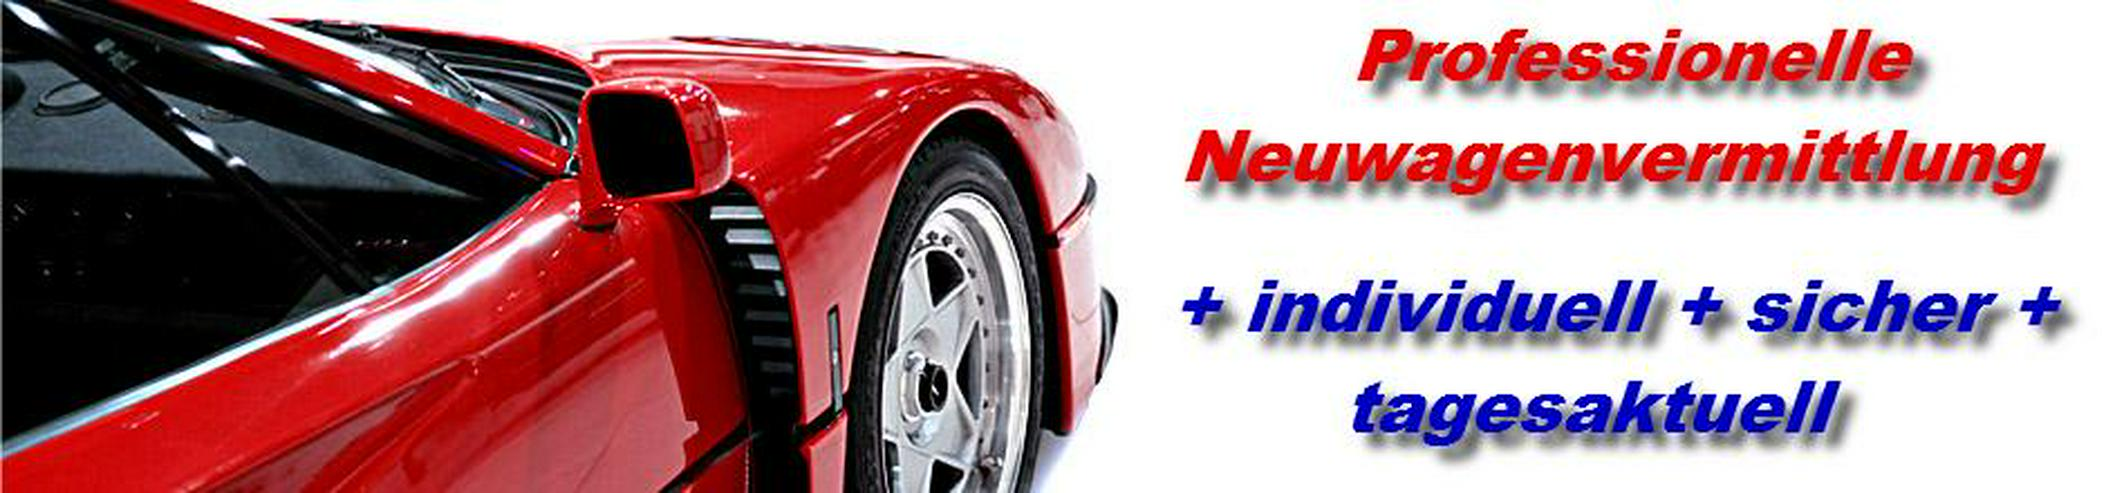 neuwagenrabatte online - individuell - tagesaktuell - sicher - empfehlenswert.